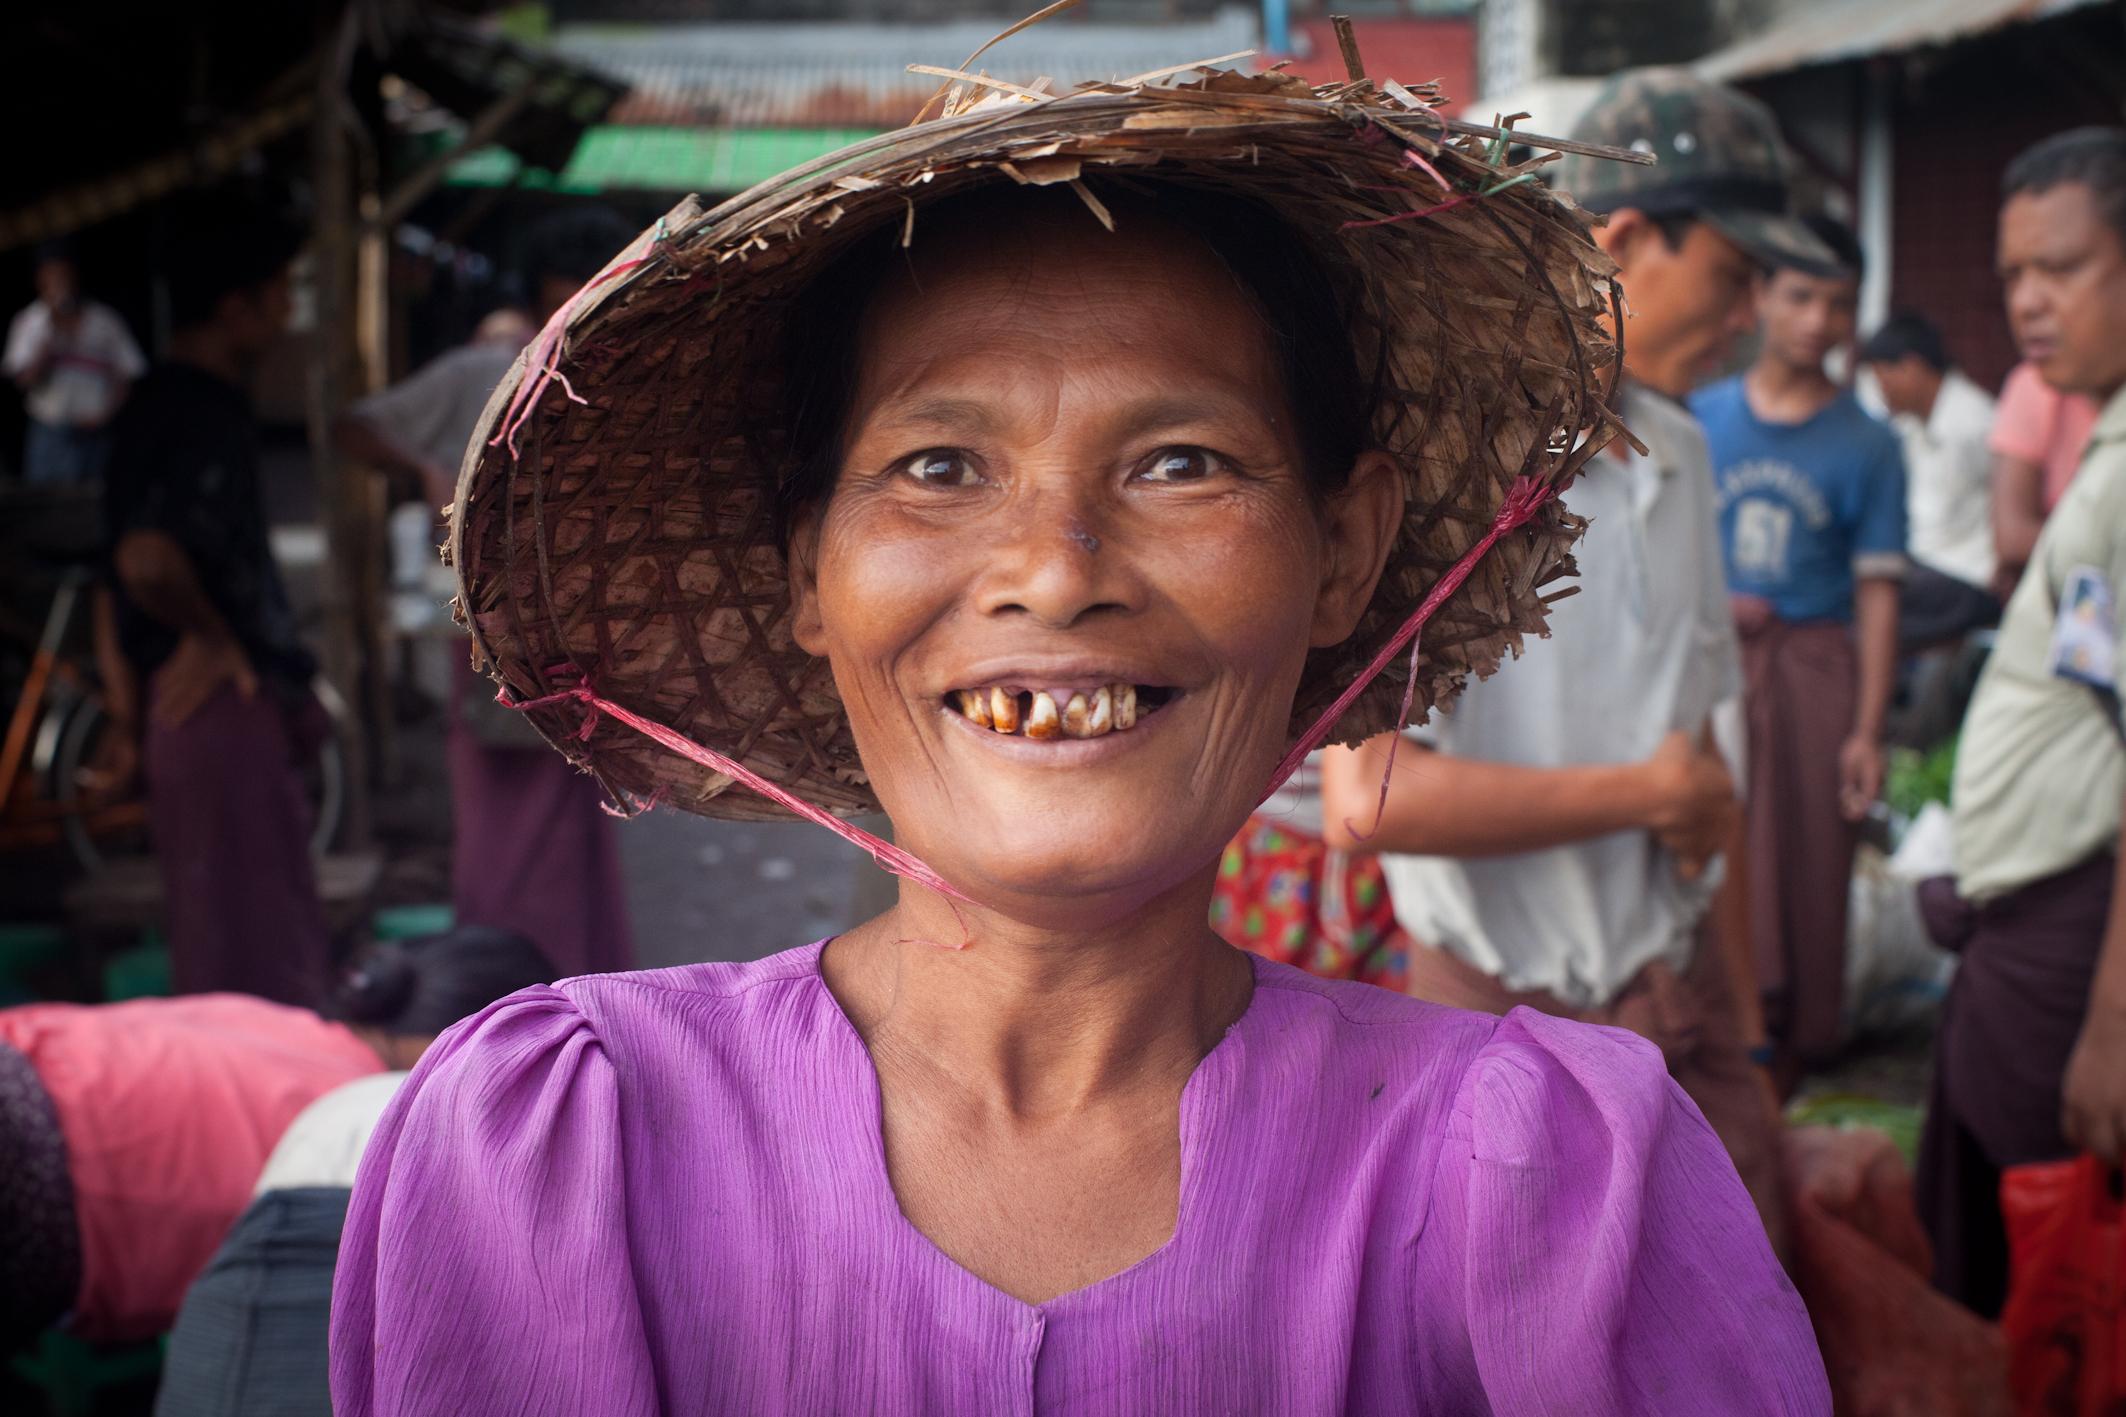 En Birmanie, les femmes sont souvent cantonnées au rôle de mère et de cuisinière quand elles ne sont pas victimes de violences sexuelles